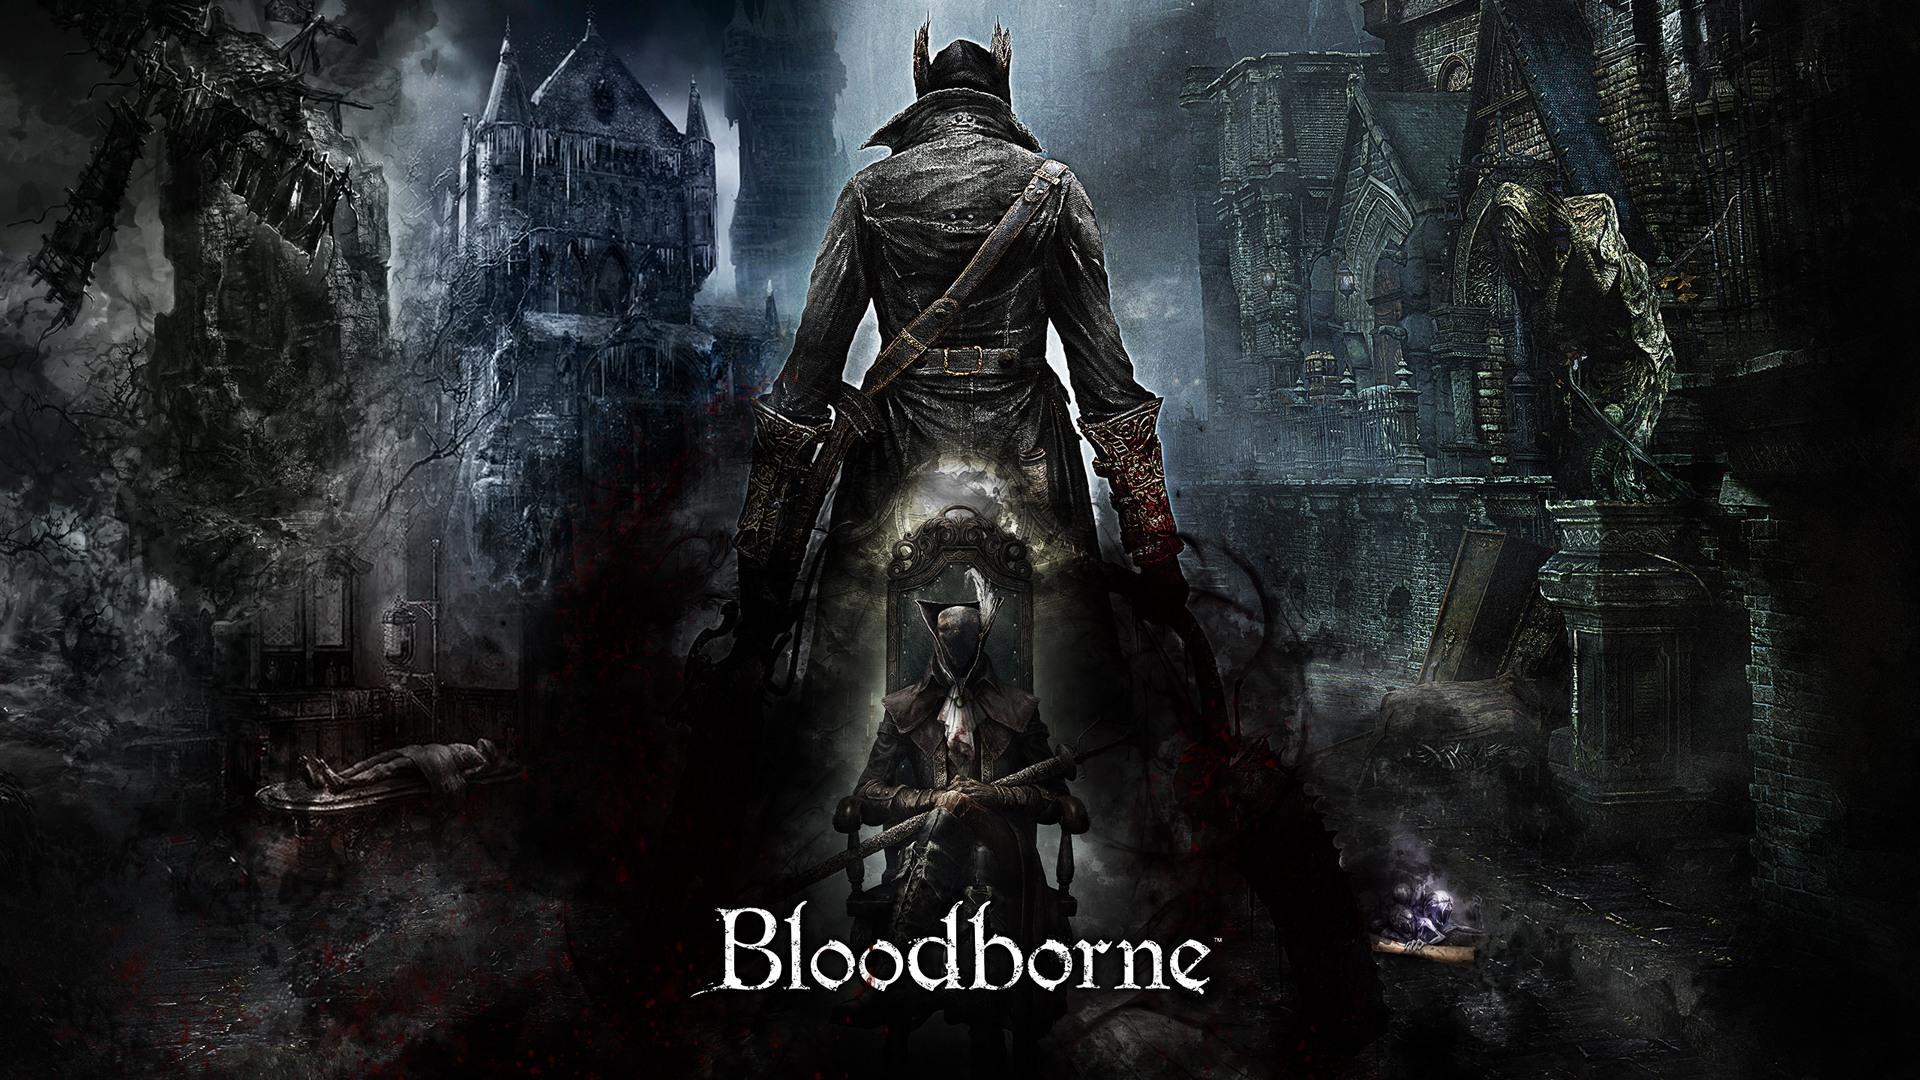 اگر بازی Bloodborne به مدت ۱۲ ساعت اجرا شود، باسهای آن ضعیف میشوند